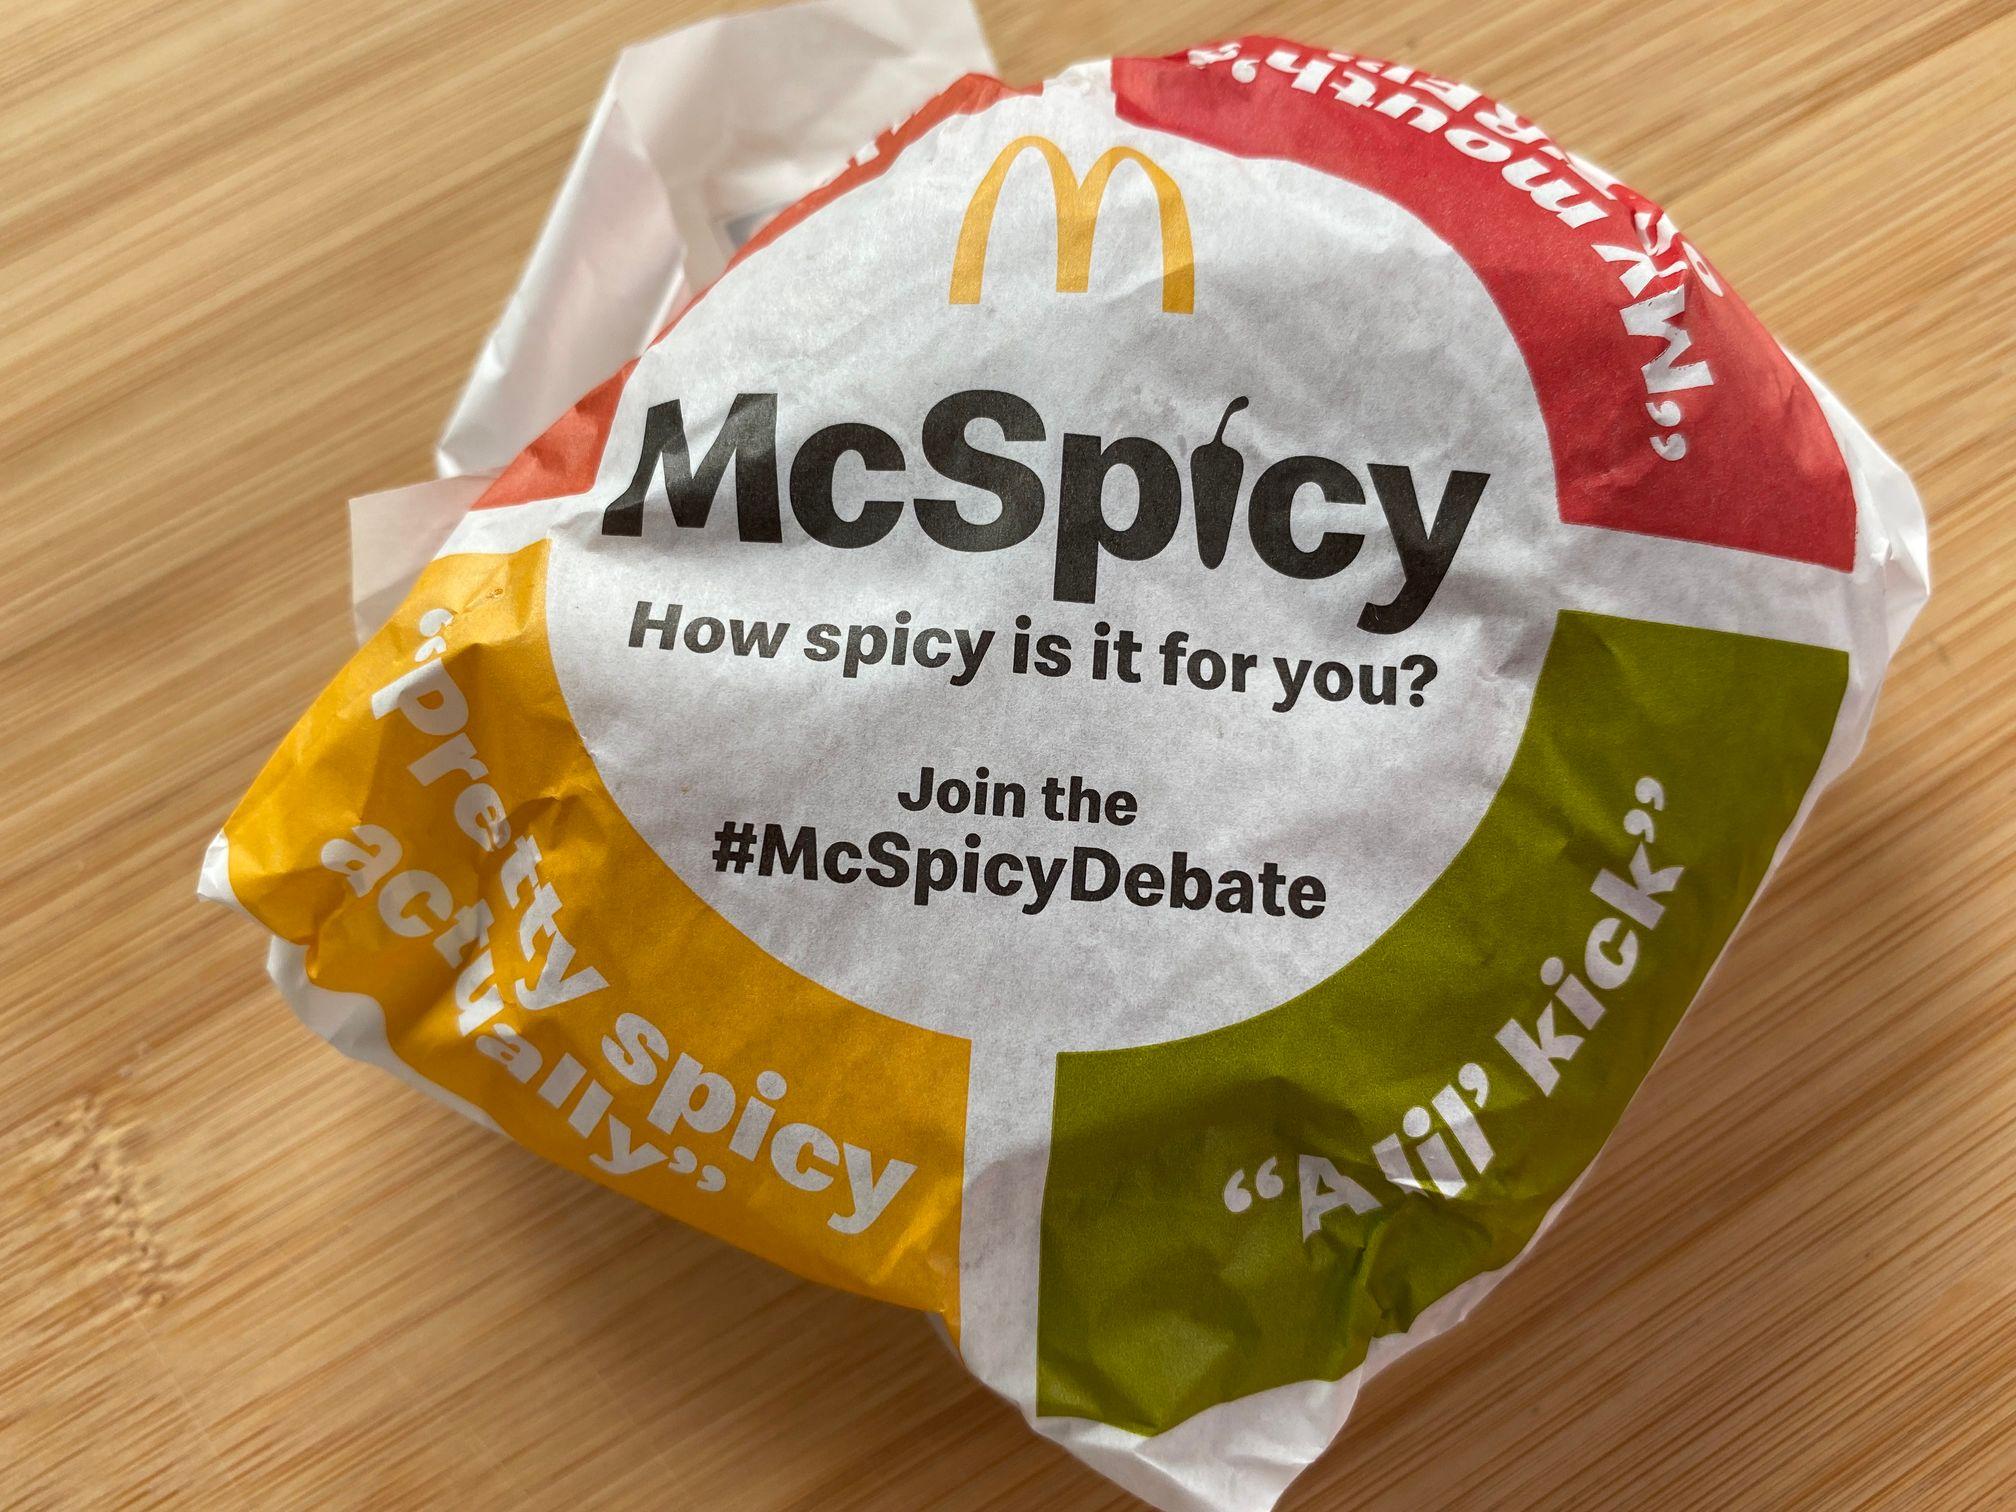 #McSpicyDebate